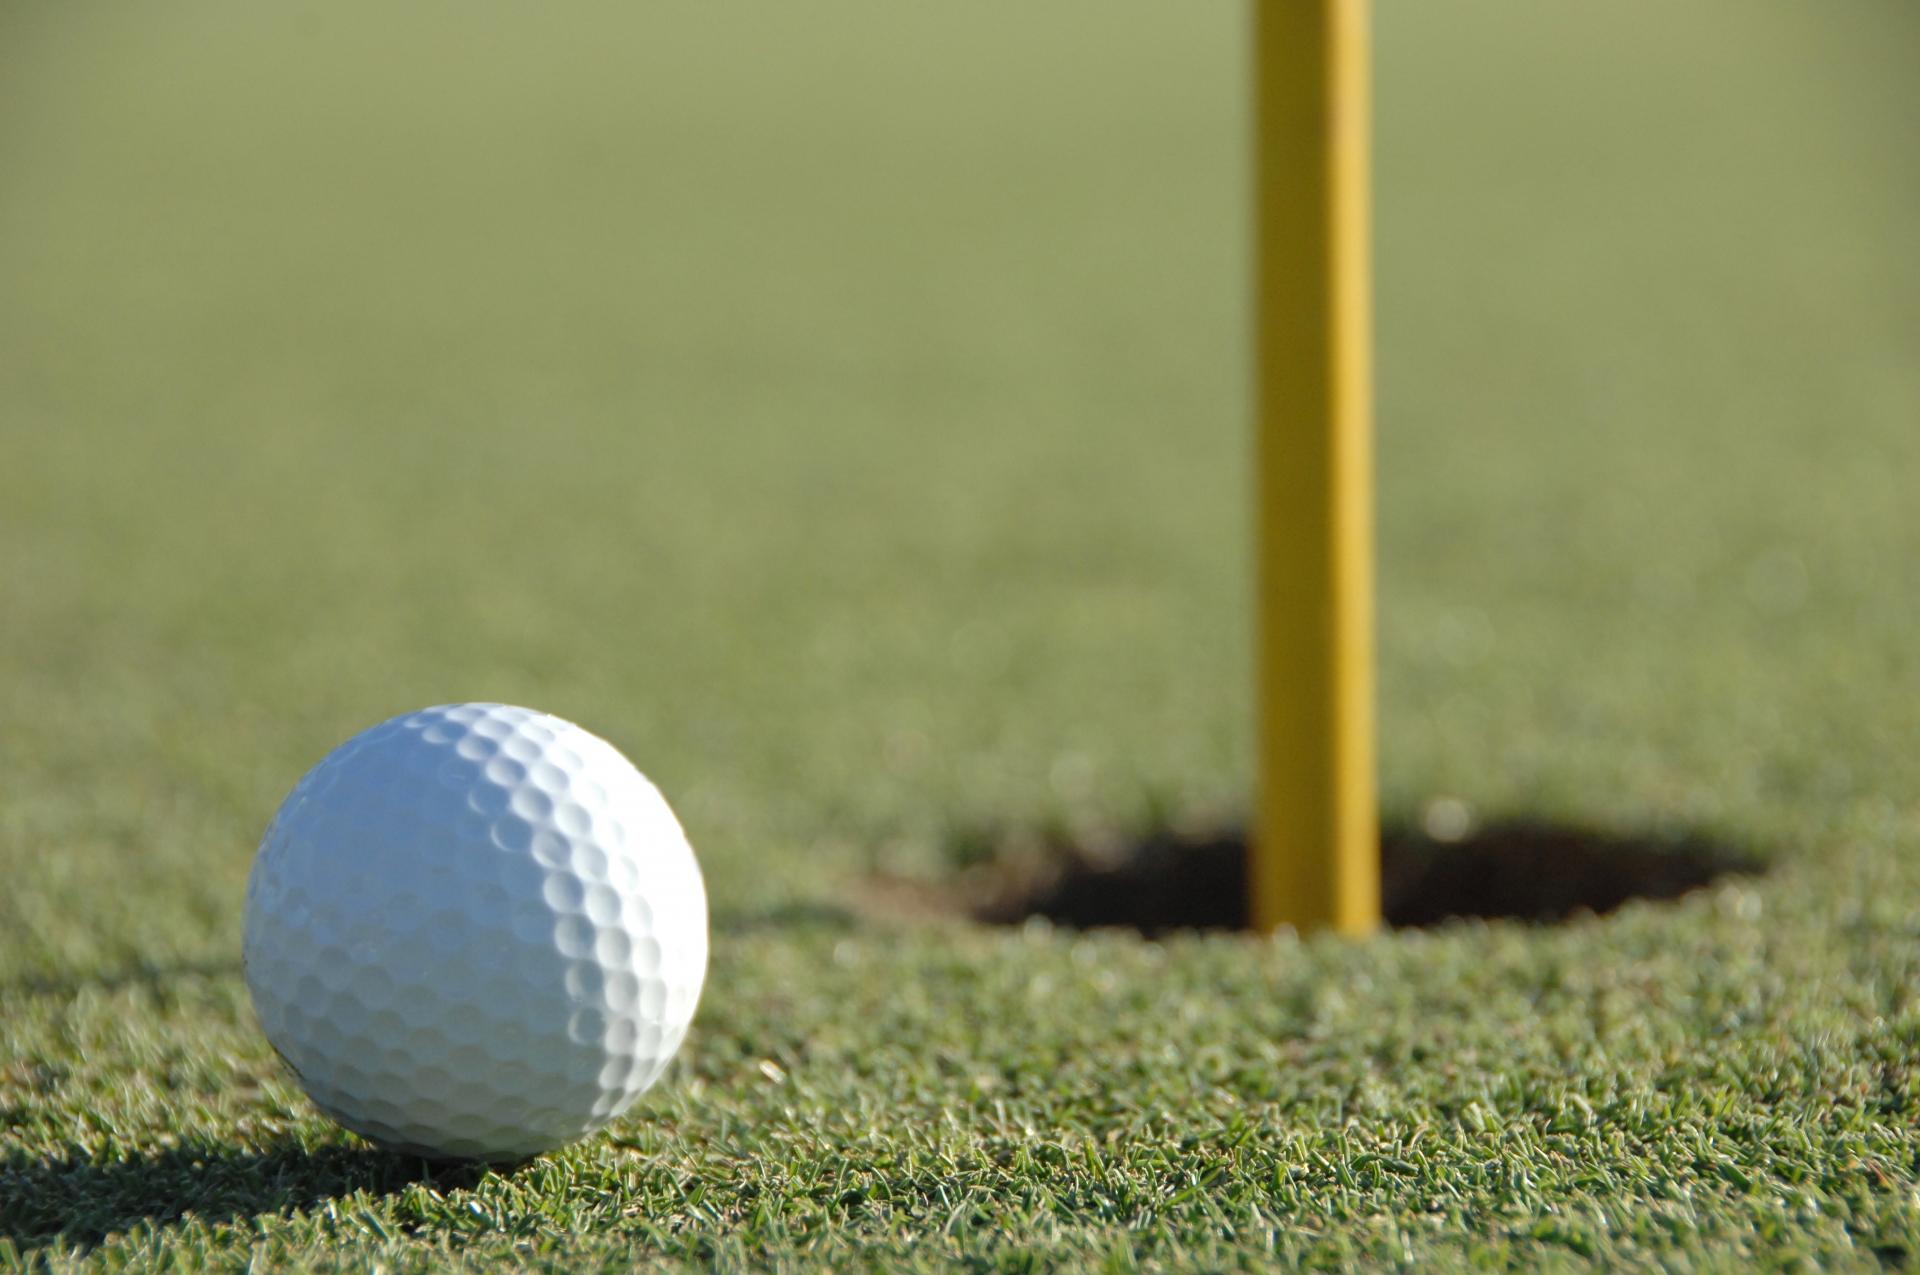 全米プロゴルフ選手権2020の優勝賞金と賞金配分一覧